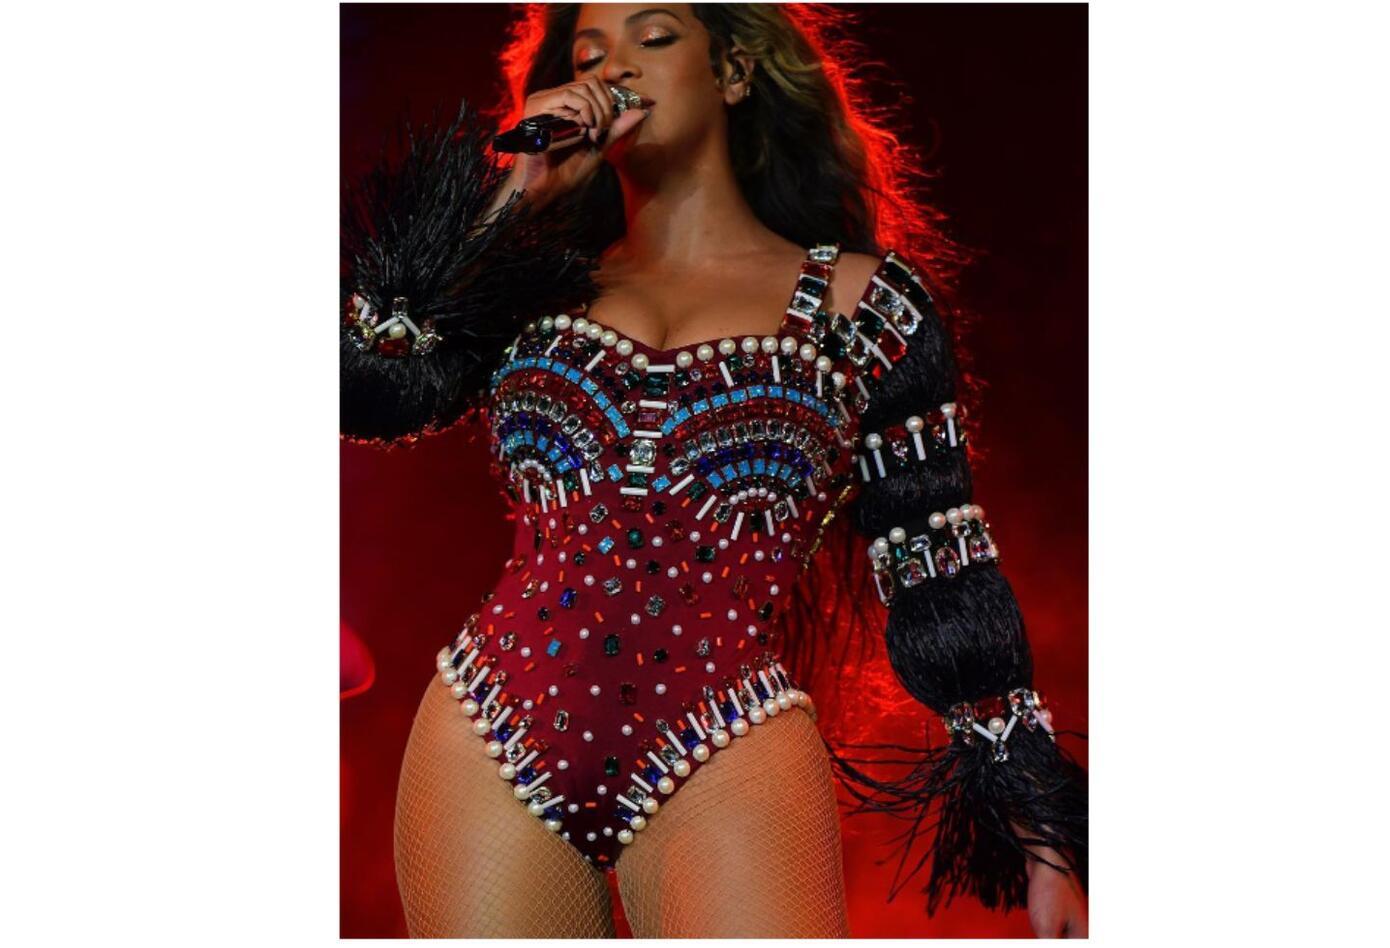 Beyonce quiere promover una baja en el consumo de todos los productos animales incluyendo carnes, lácteos, huevos y la miel, así como el uso de cuero.